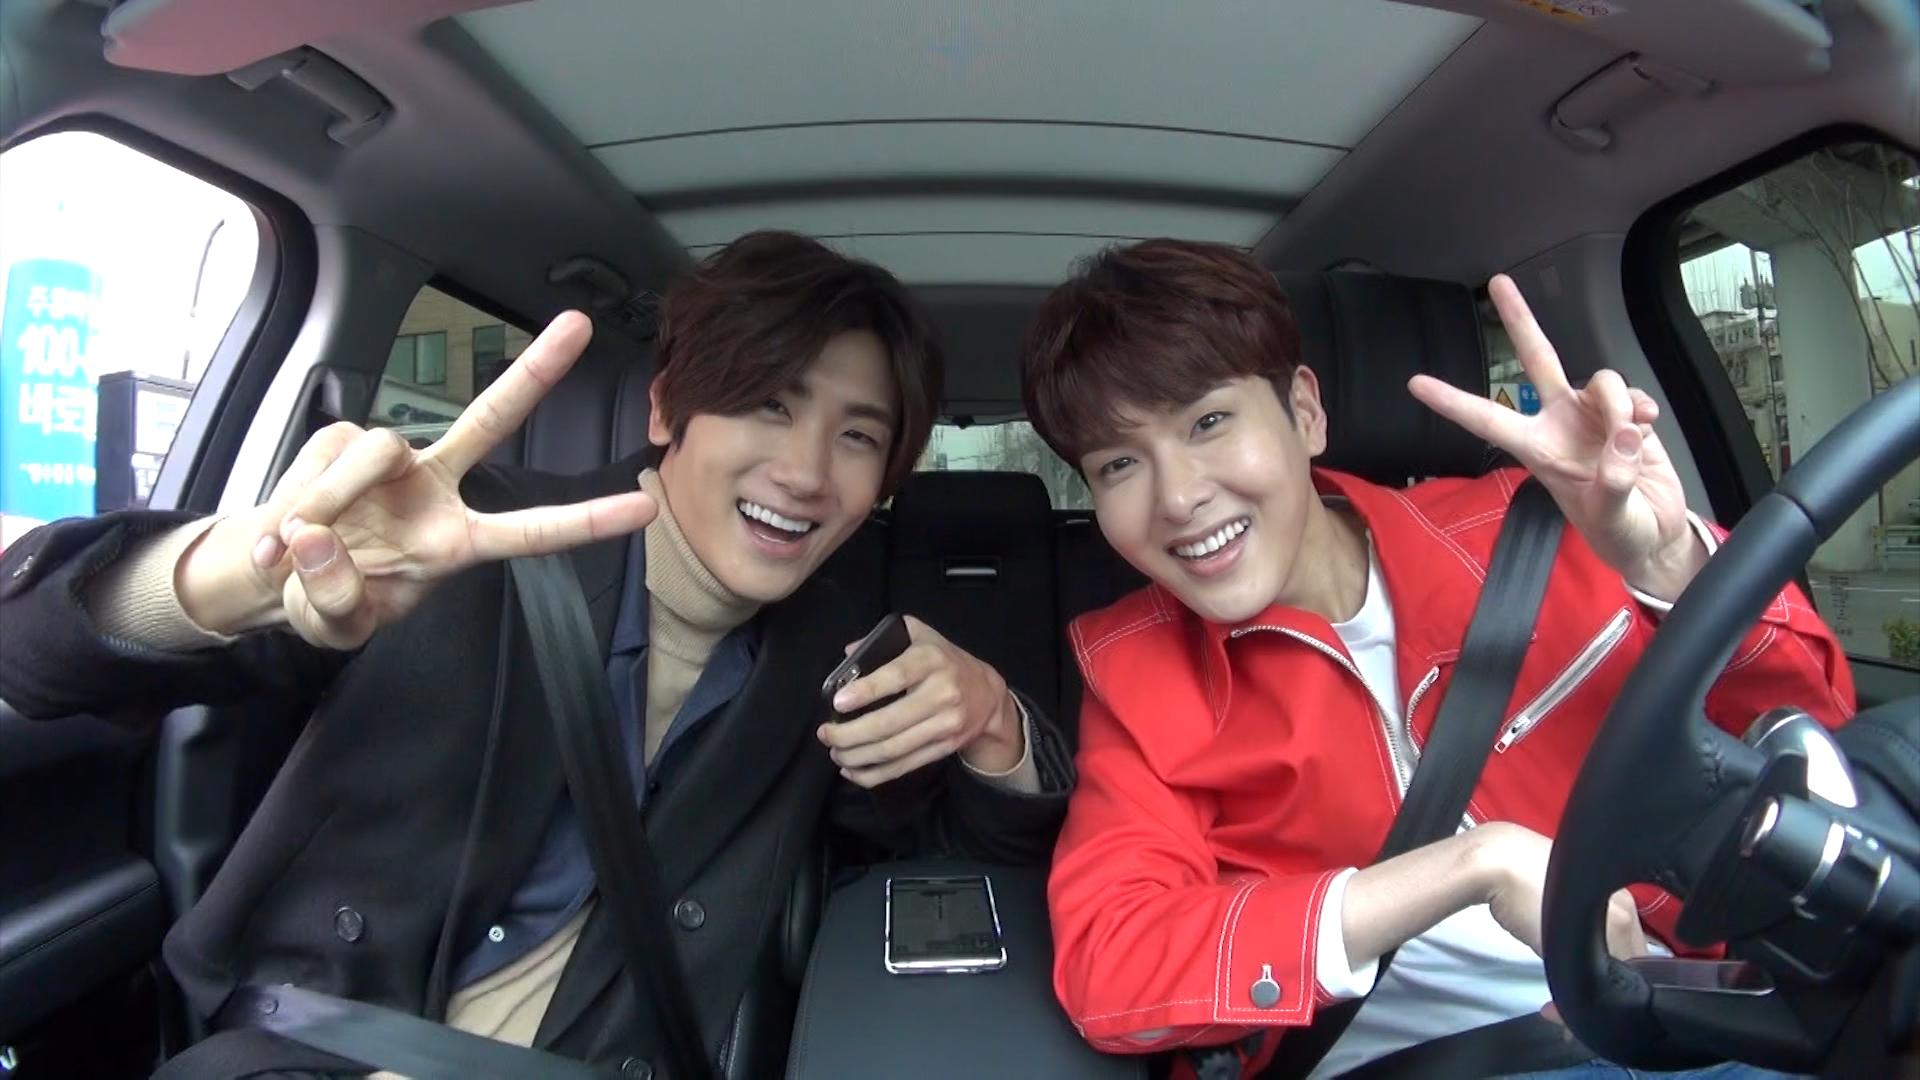 [꽃브로] Celebrity Bromance Hyungsik&RyeoWook - Temptation of wolves